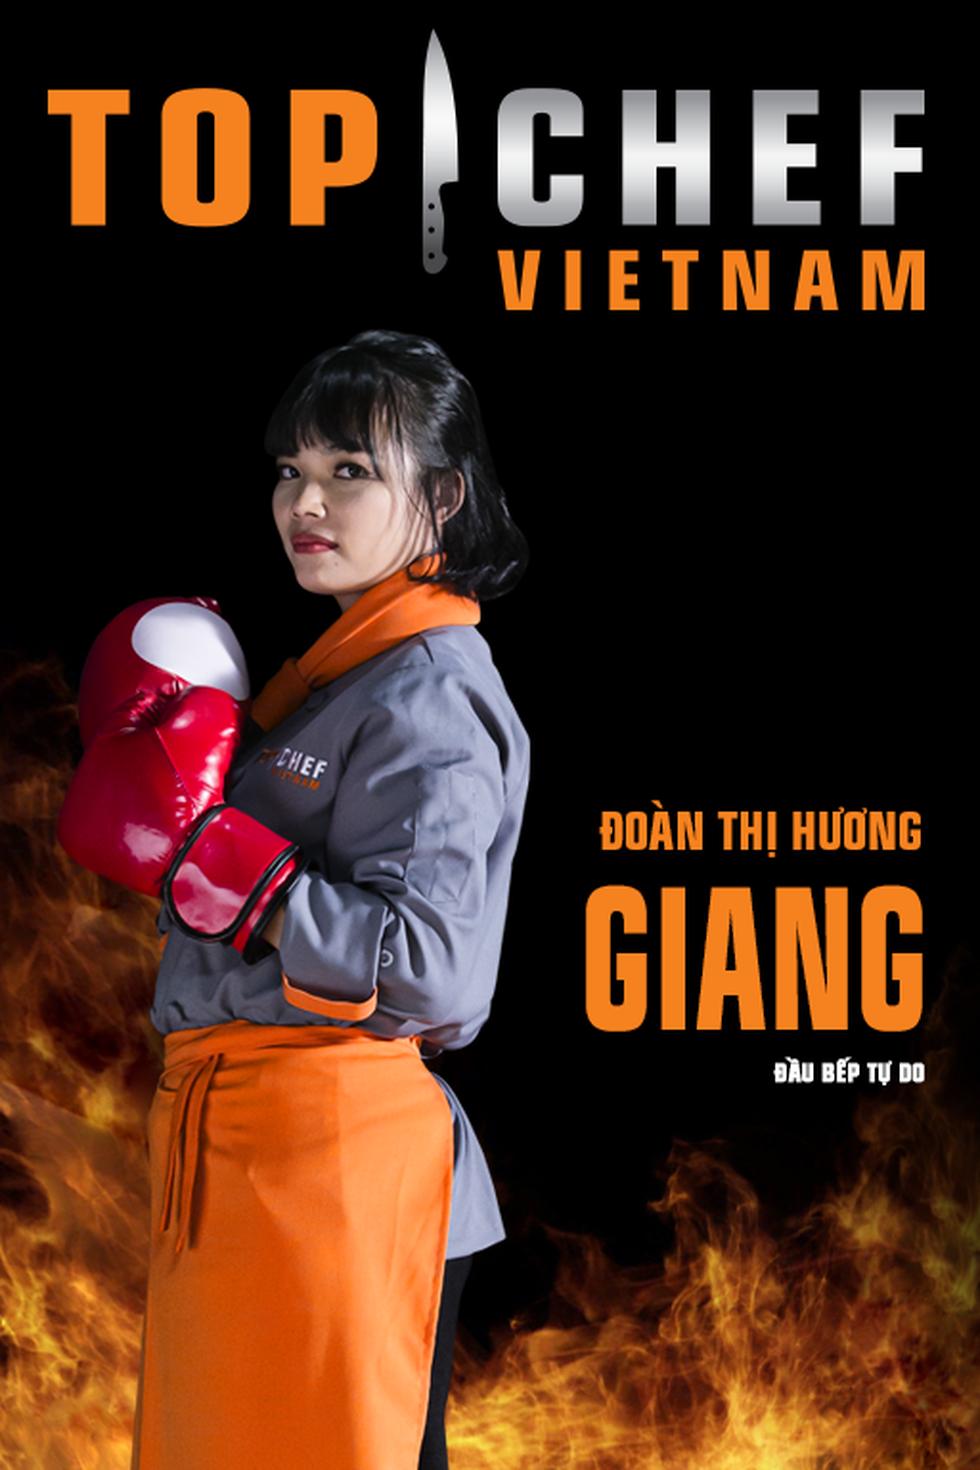 Lộ diện top 14 Đầu bếp thượng đỉnh - Top chef Vietnam 2019 - Ảnh 5.